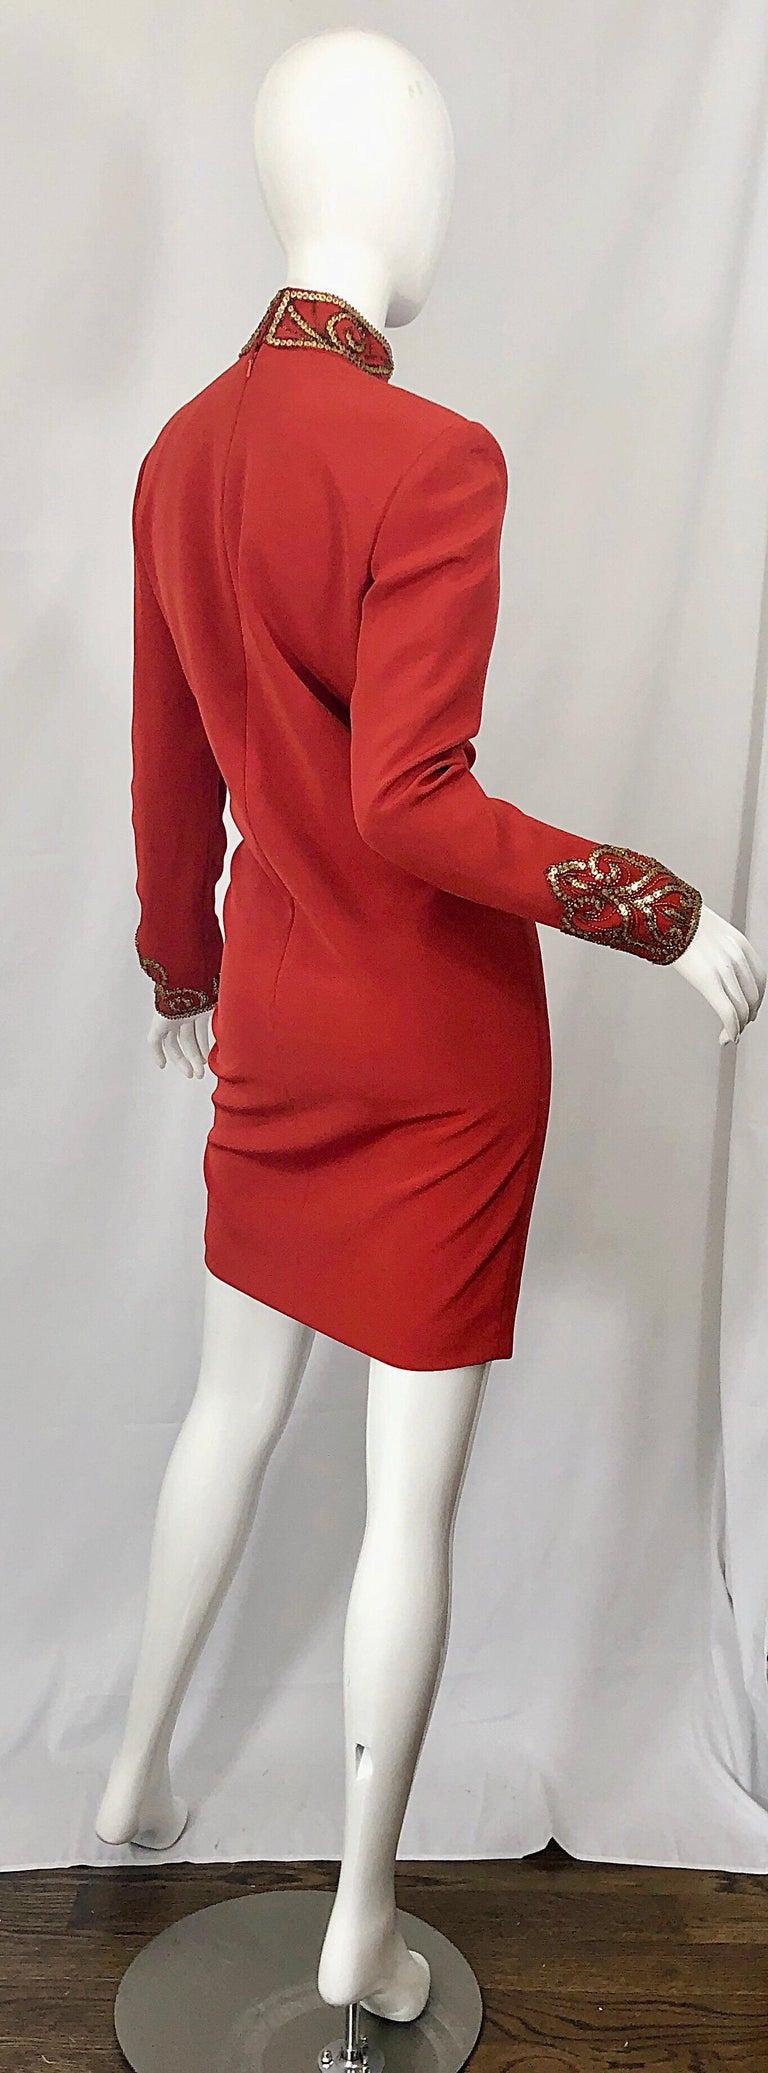 Vintage Oleg Cassini Size 8 1990s Burnt Orange Beaded 90s Long Sleeve Silk Dress For Sale 4